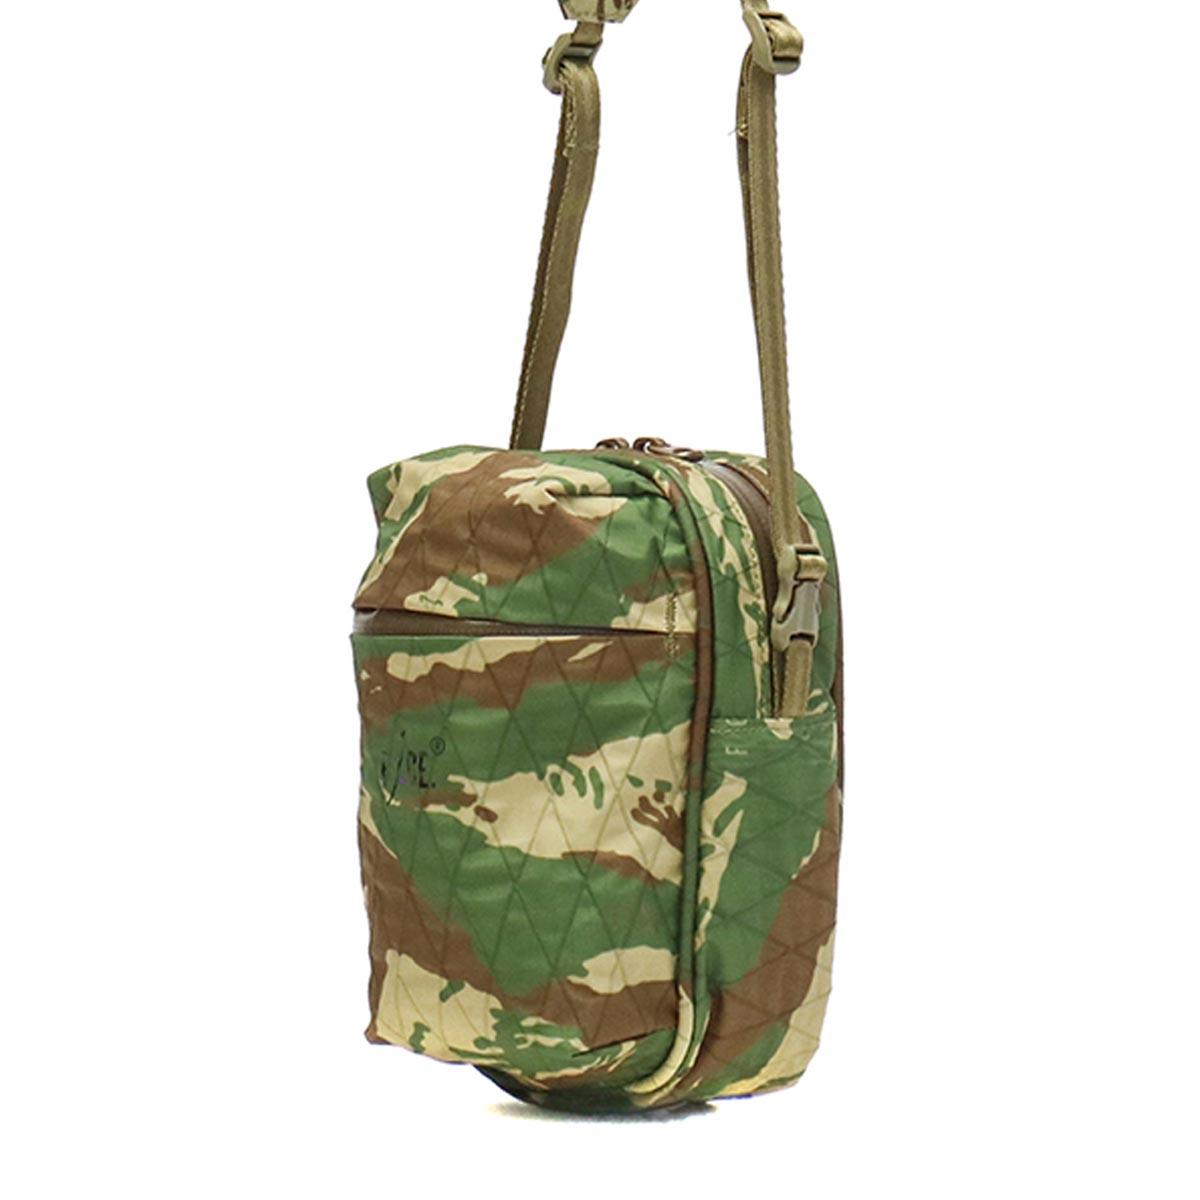 X-PAC LINE CAMO CAMERA POUCH Shoulder Bags camouflage Camera bag small body  bag mens womens XP0014 7e6a15a4d0